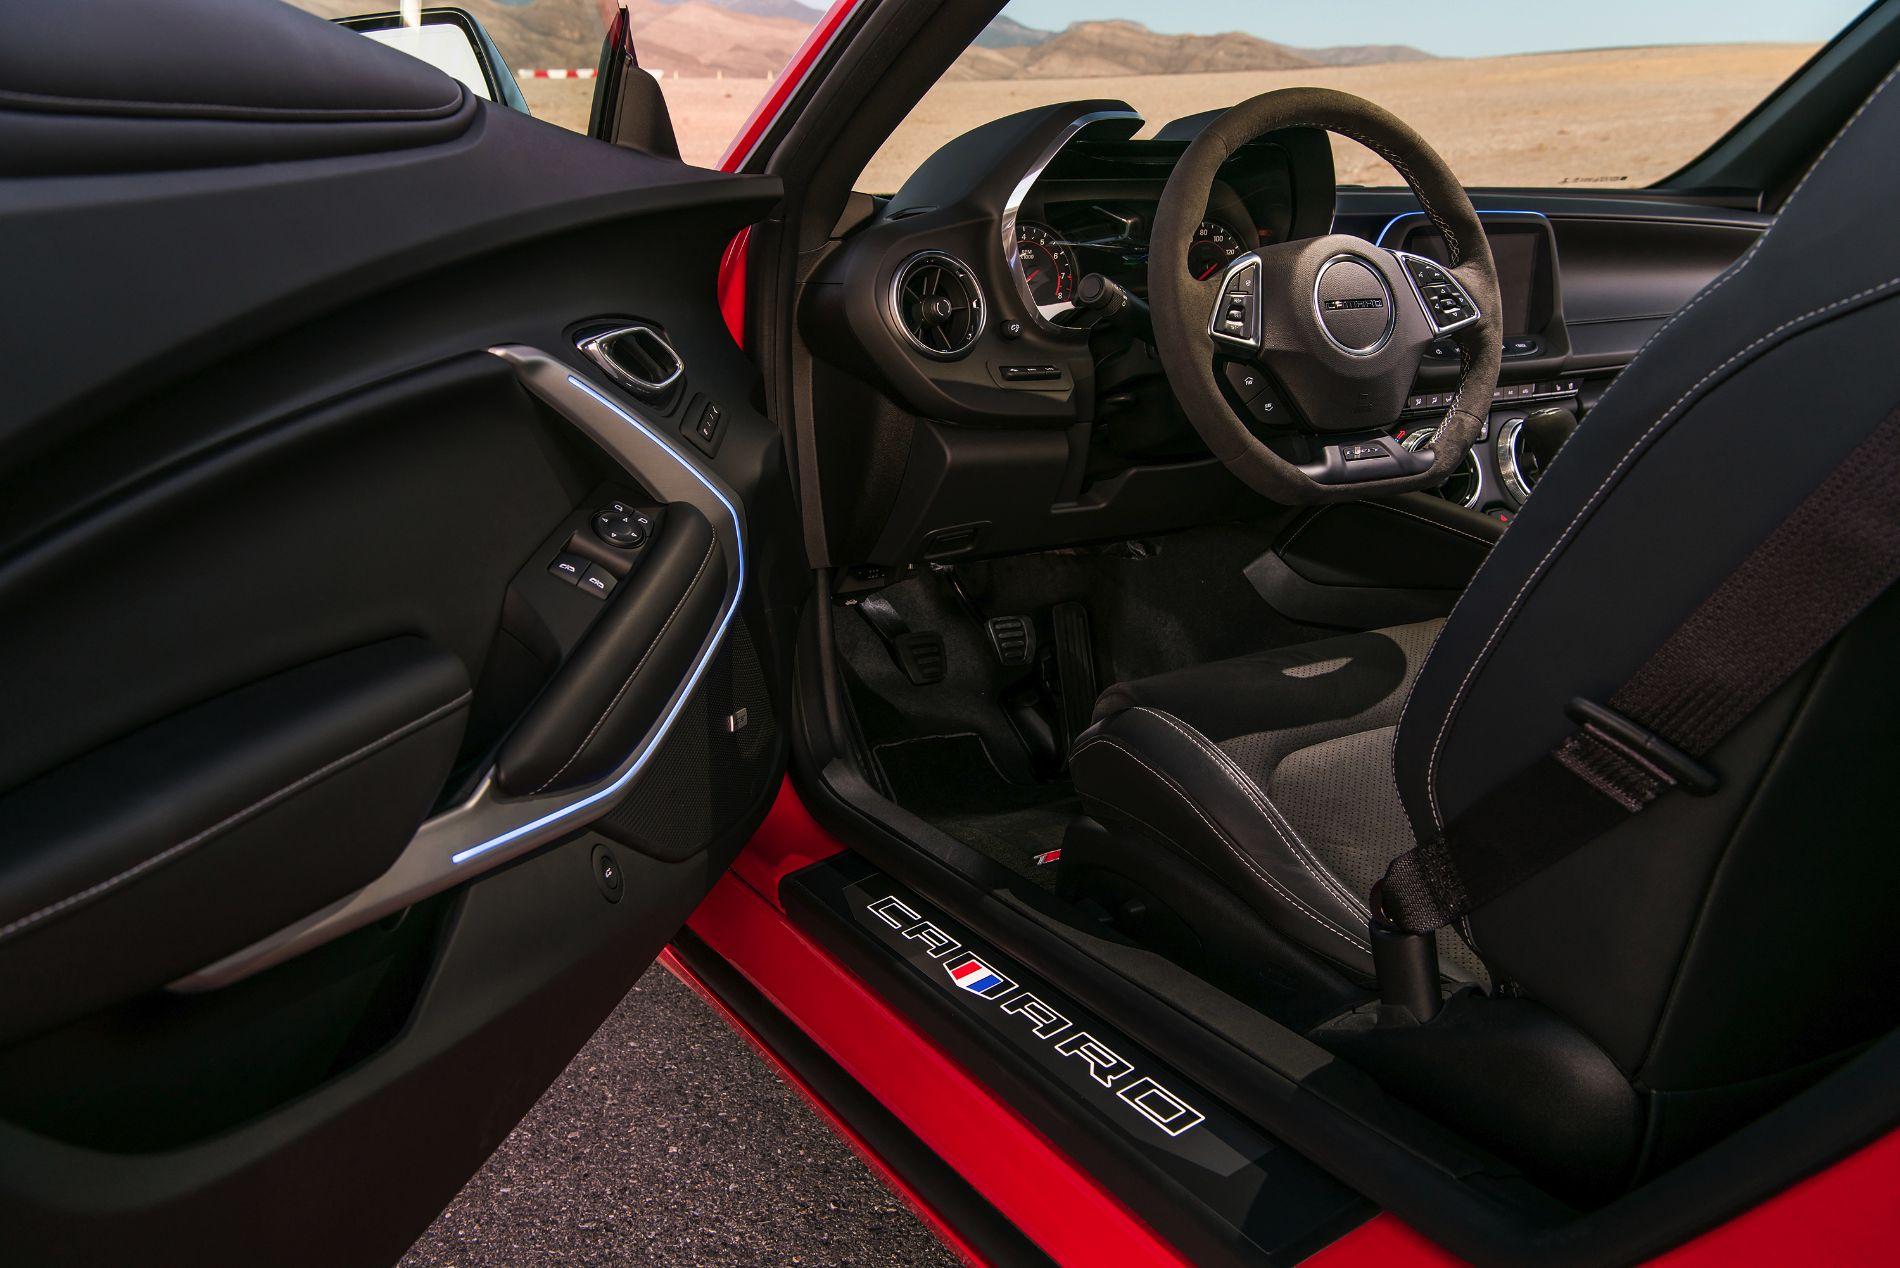 2017-Chevrolet-Camaro-1LE-035